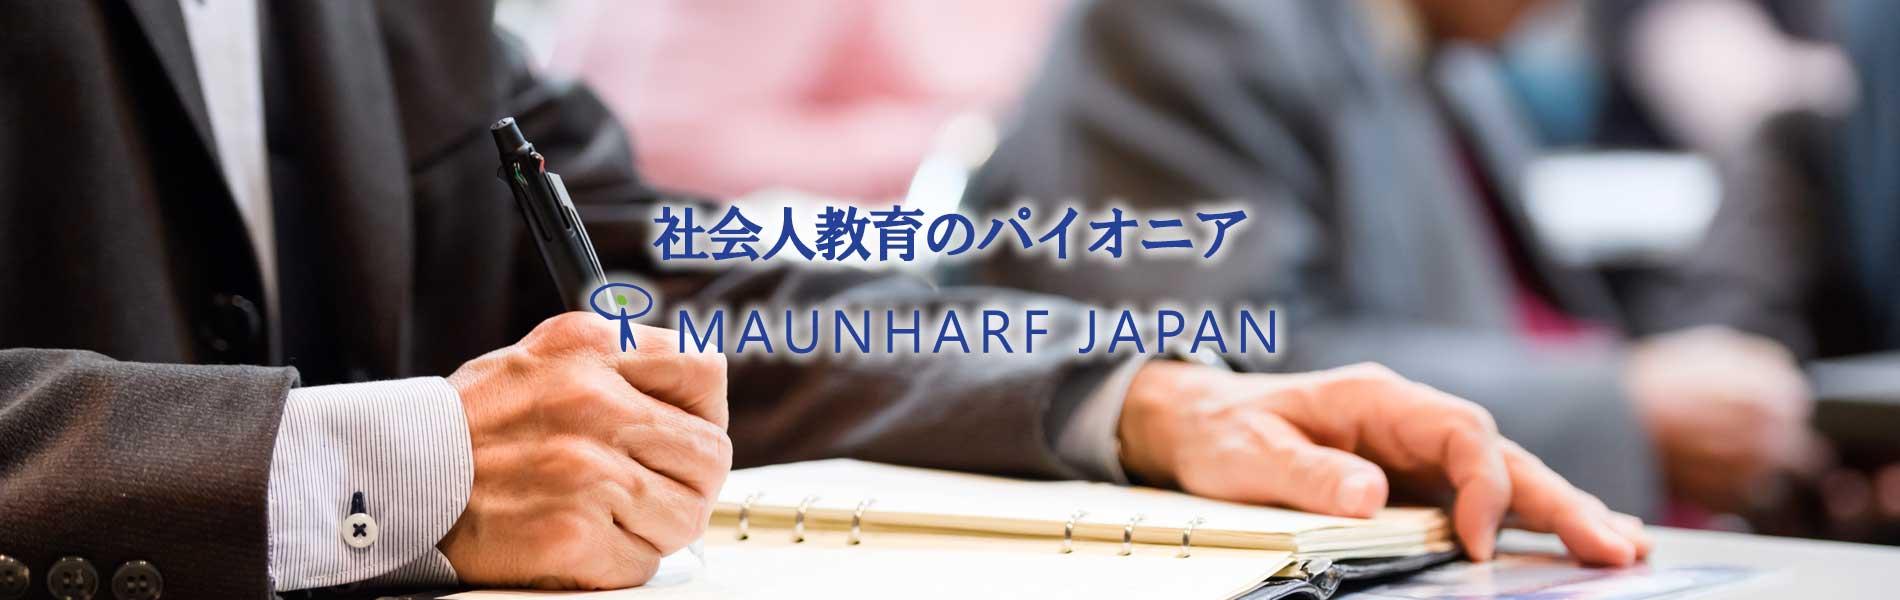 社会人教育のパイオニア MAUNHARF JAPAN